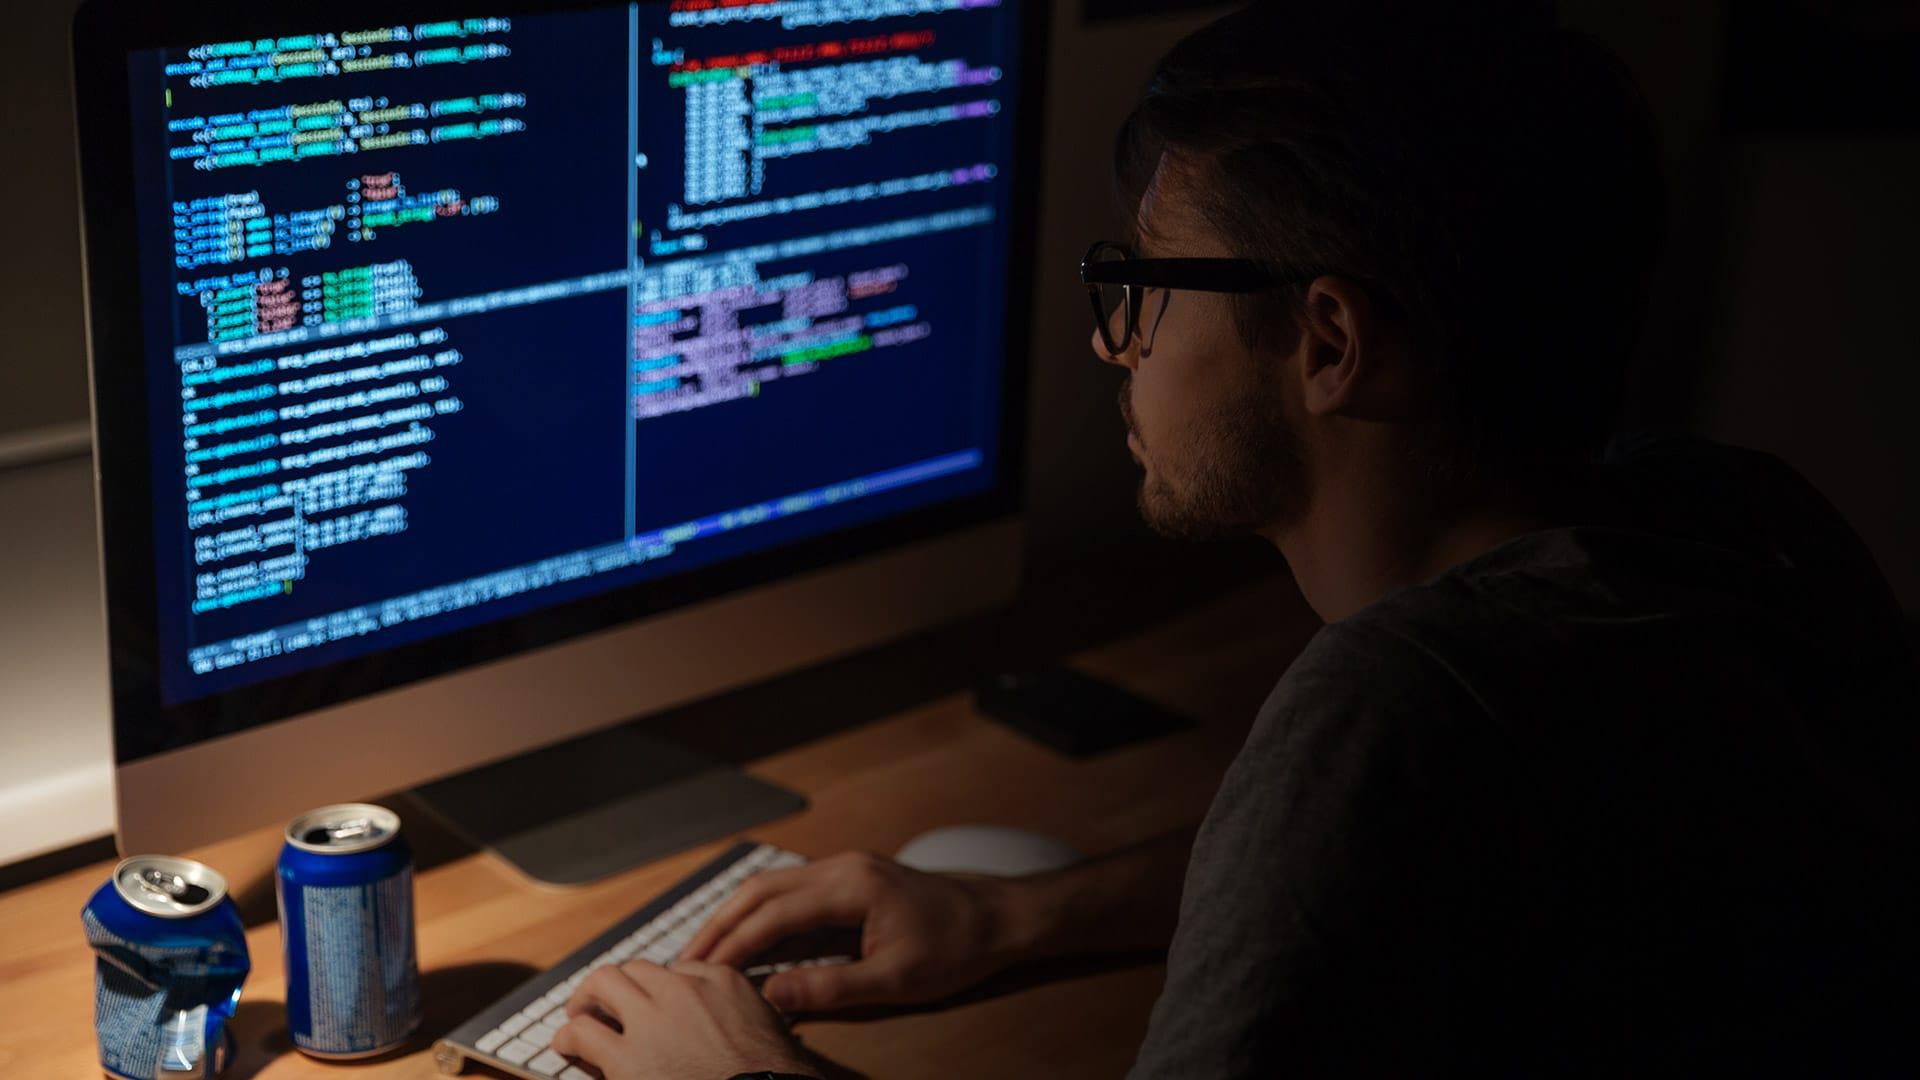 תוכנית עסקית למוצר תוכנה